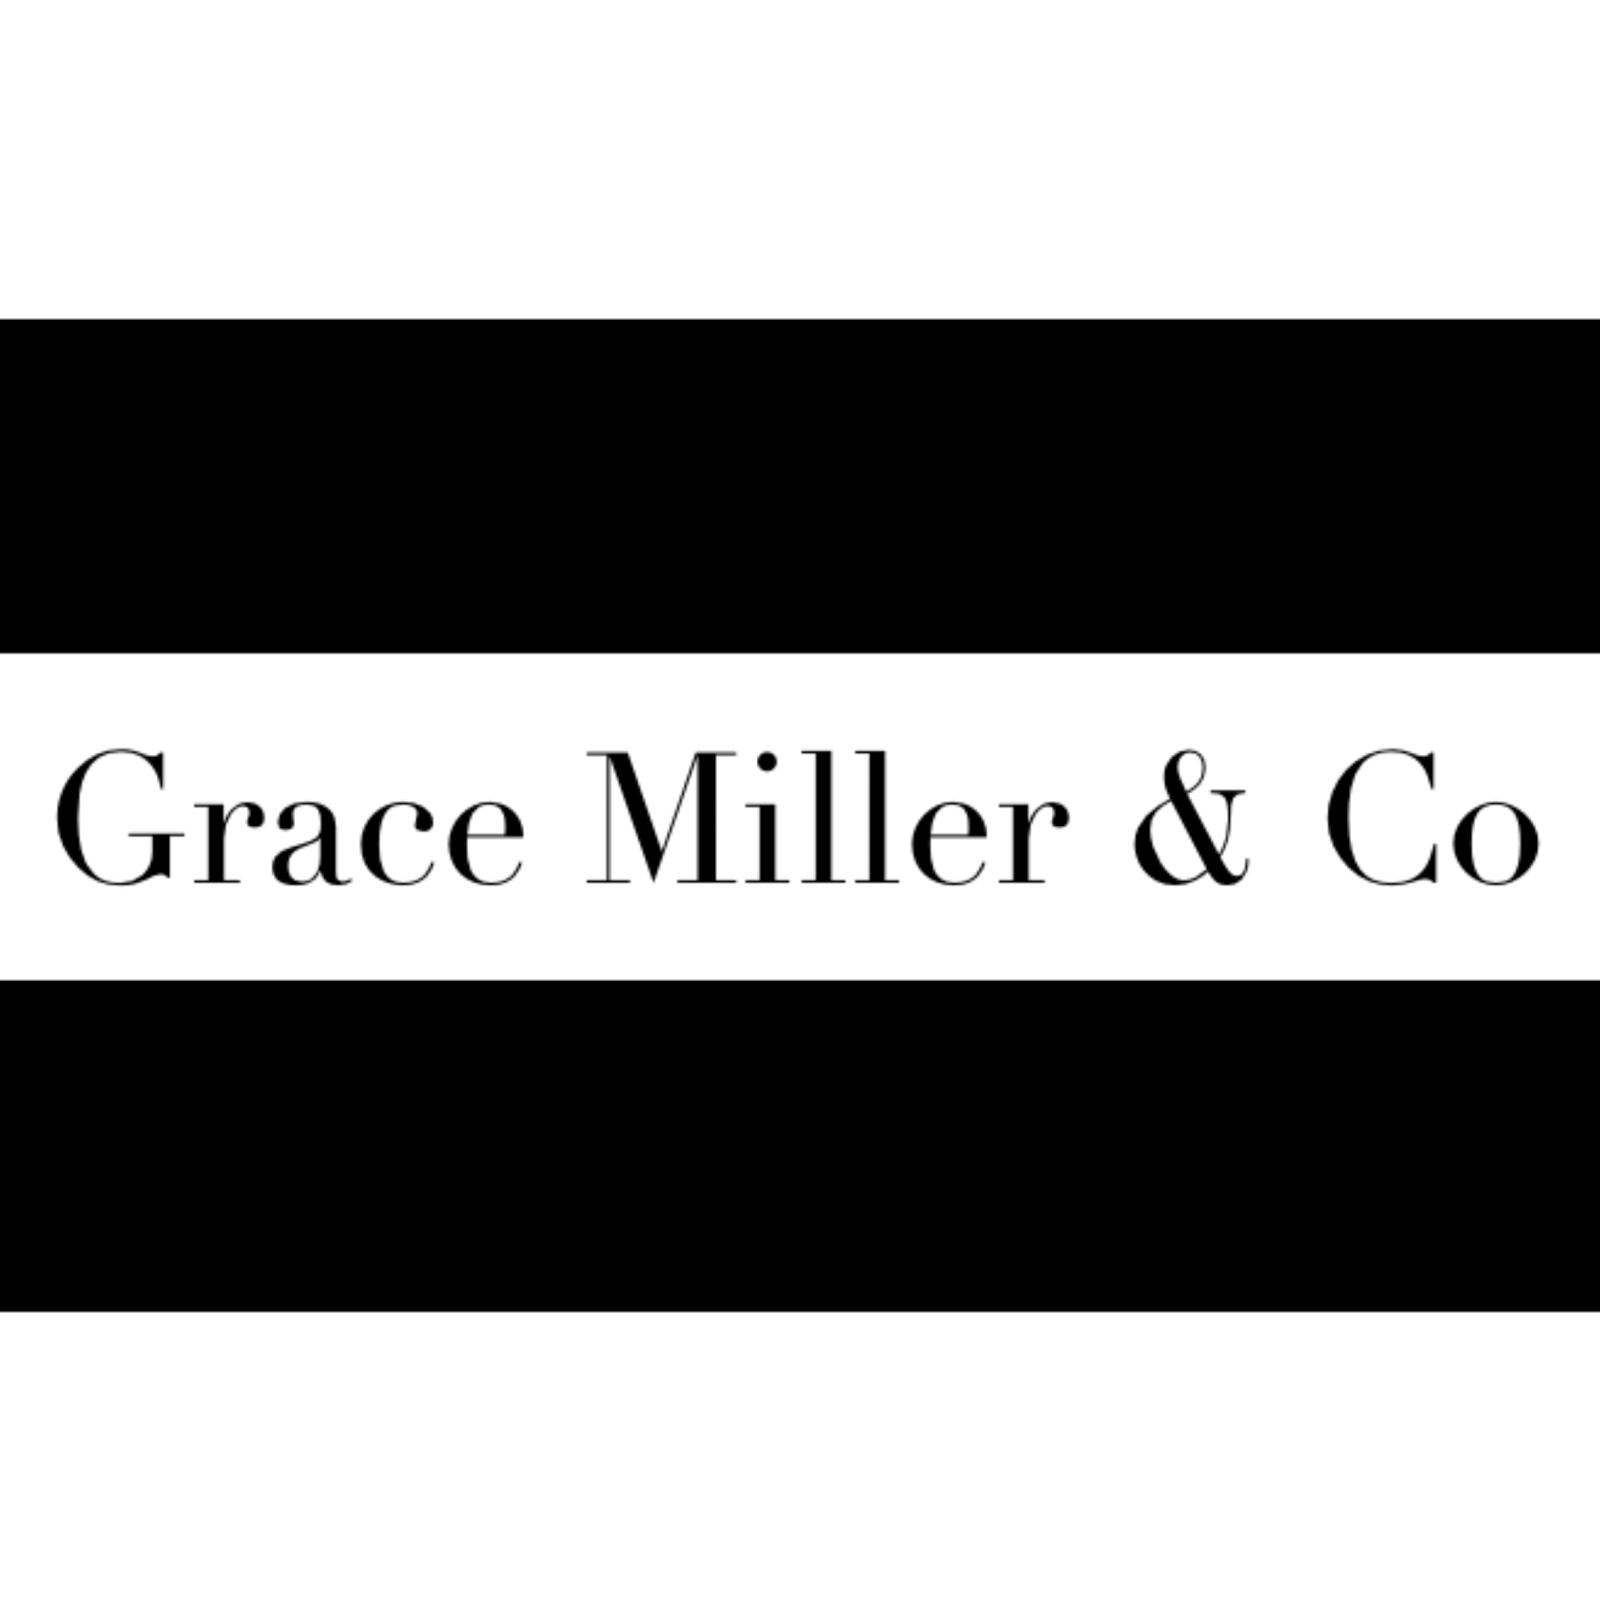 Grace Miller & Co